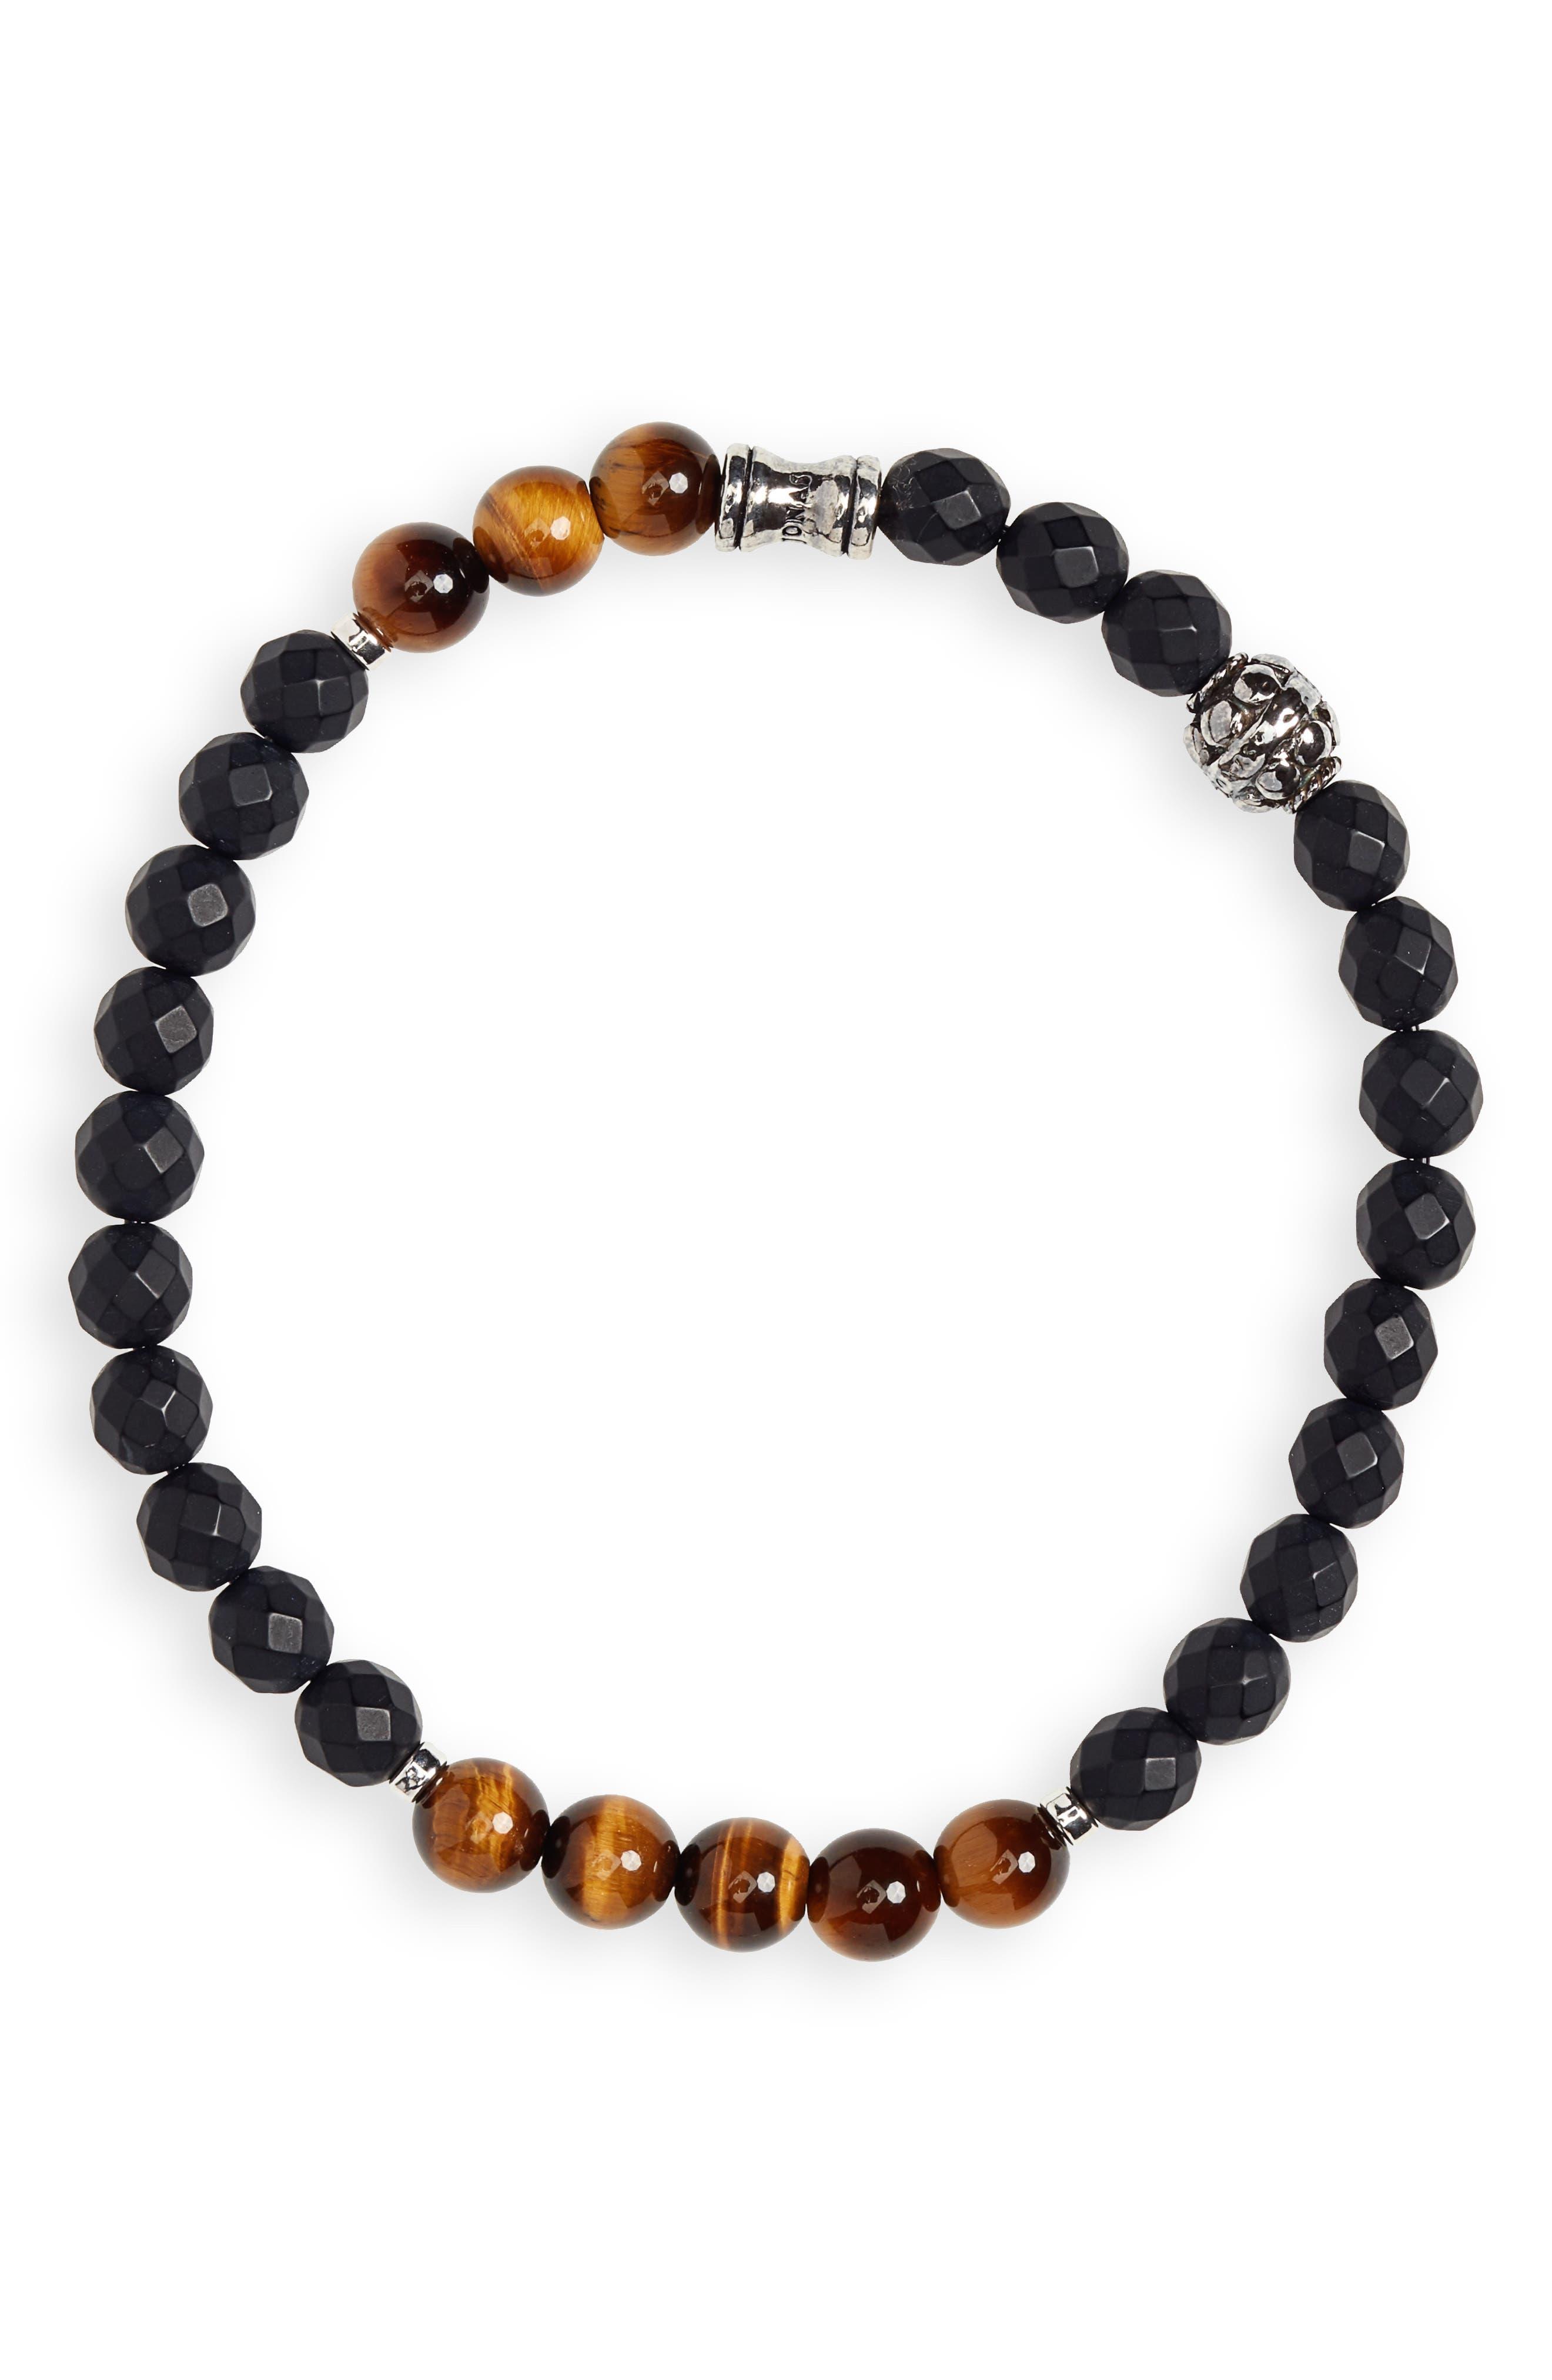 JONAS STUDIO Stone Bead Bracelet in Black